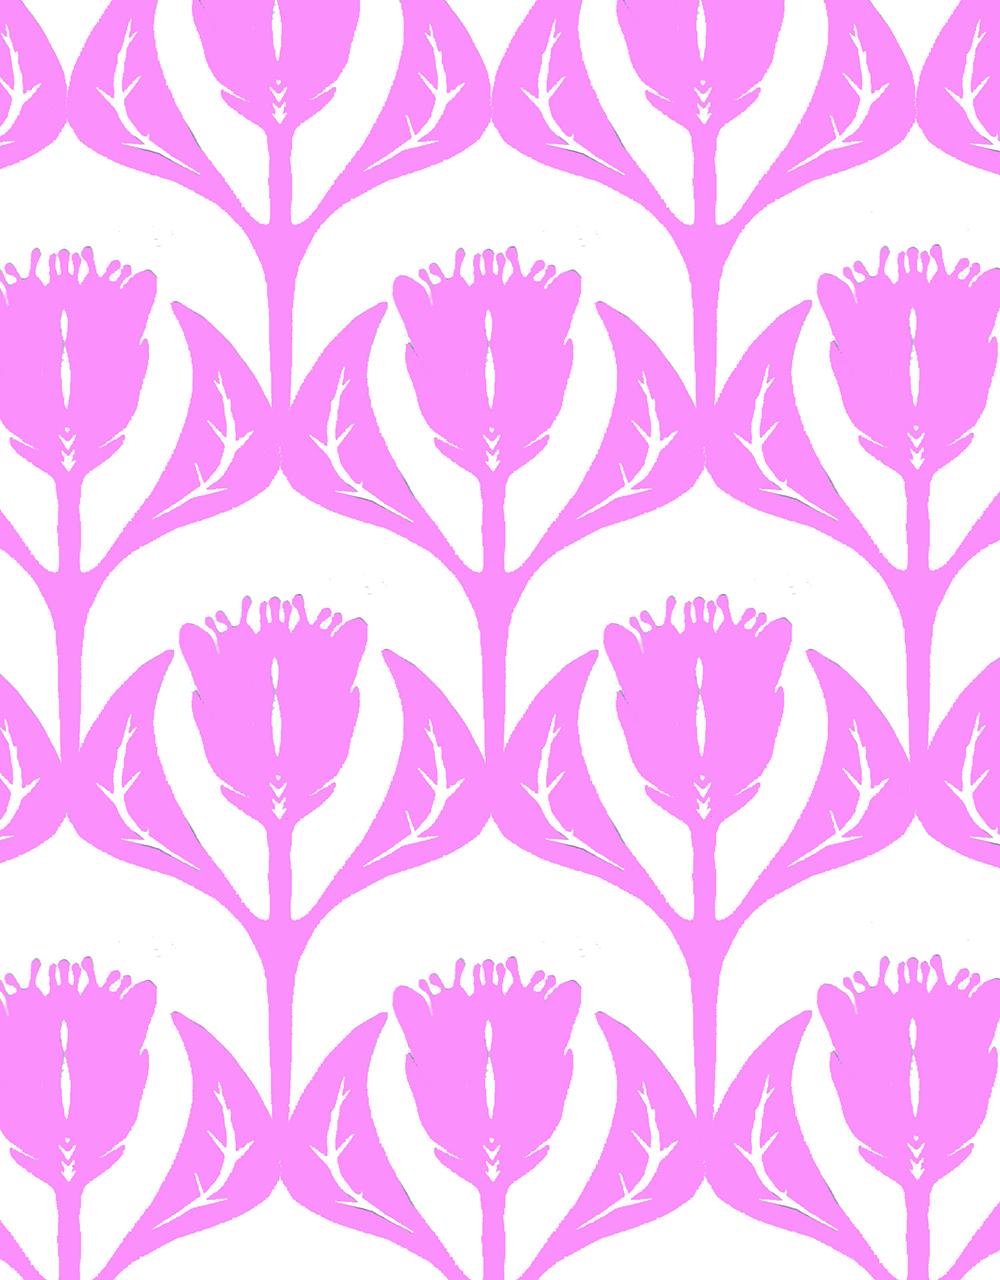 Studiocooliejoelie-karinmol-patroon-papiersnijkunst-papierknipkunst-portfolio